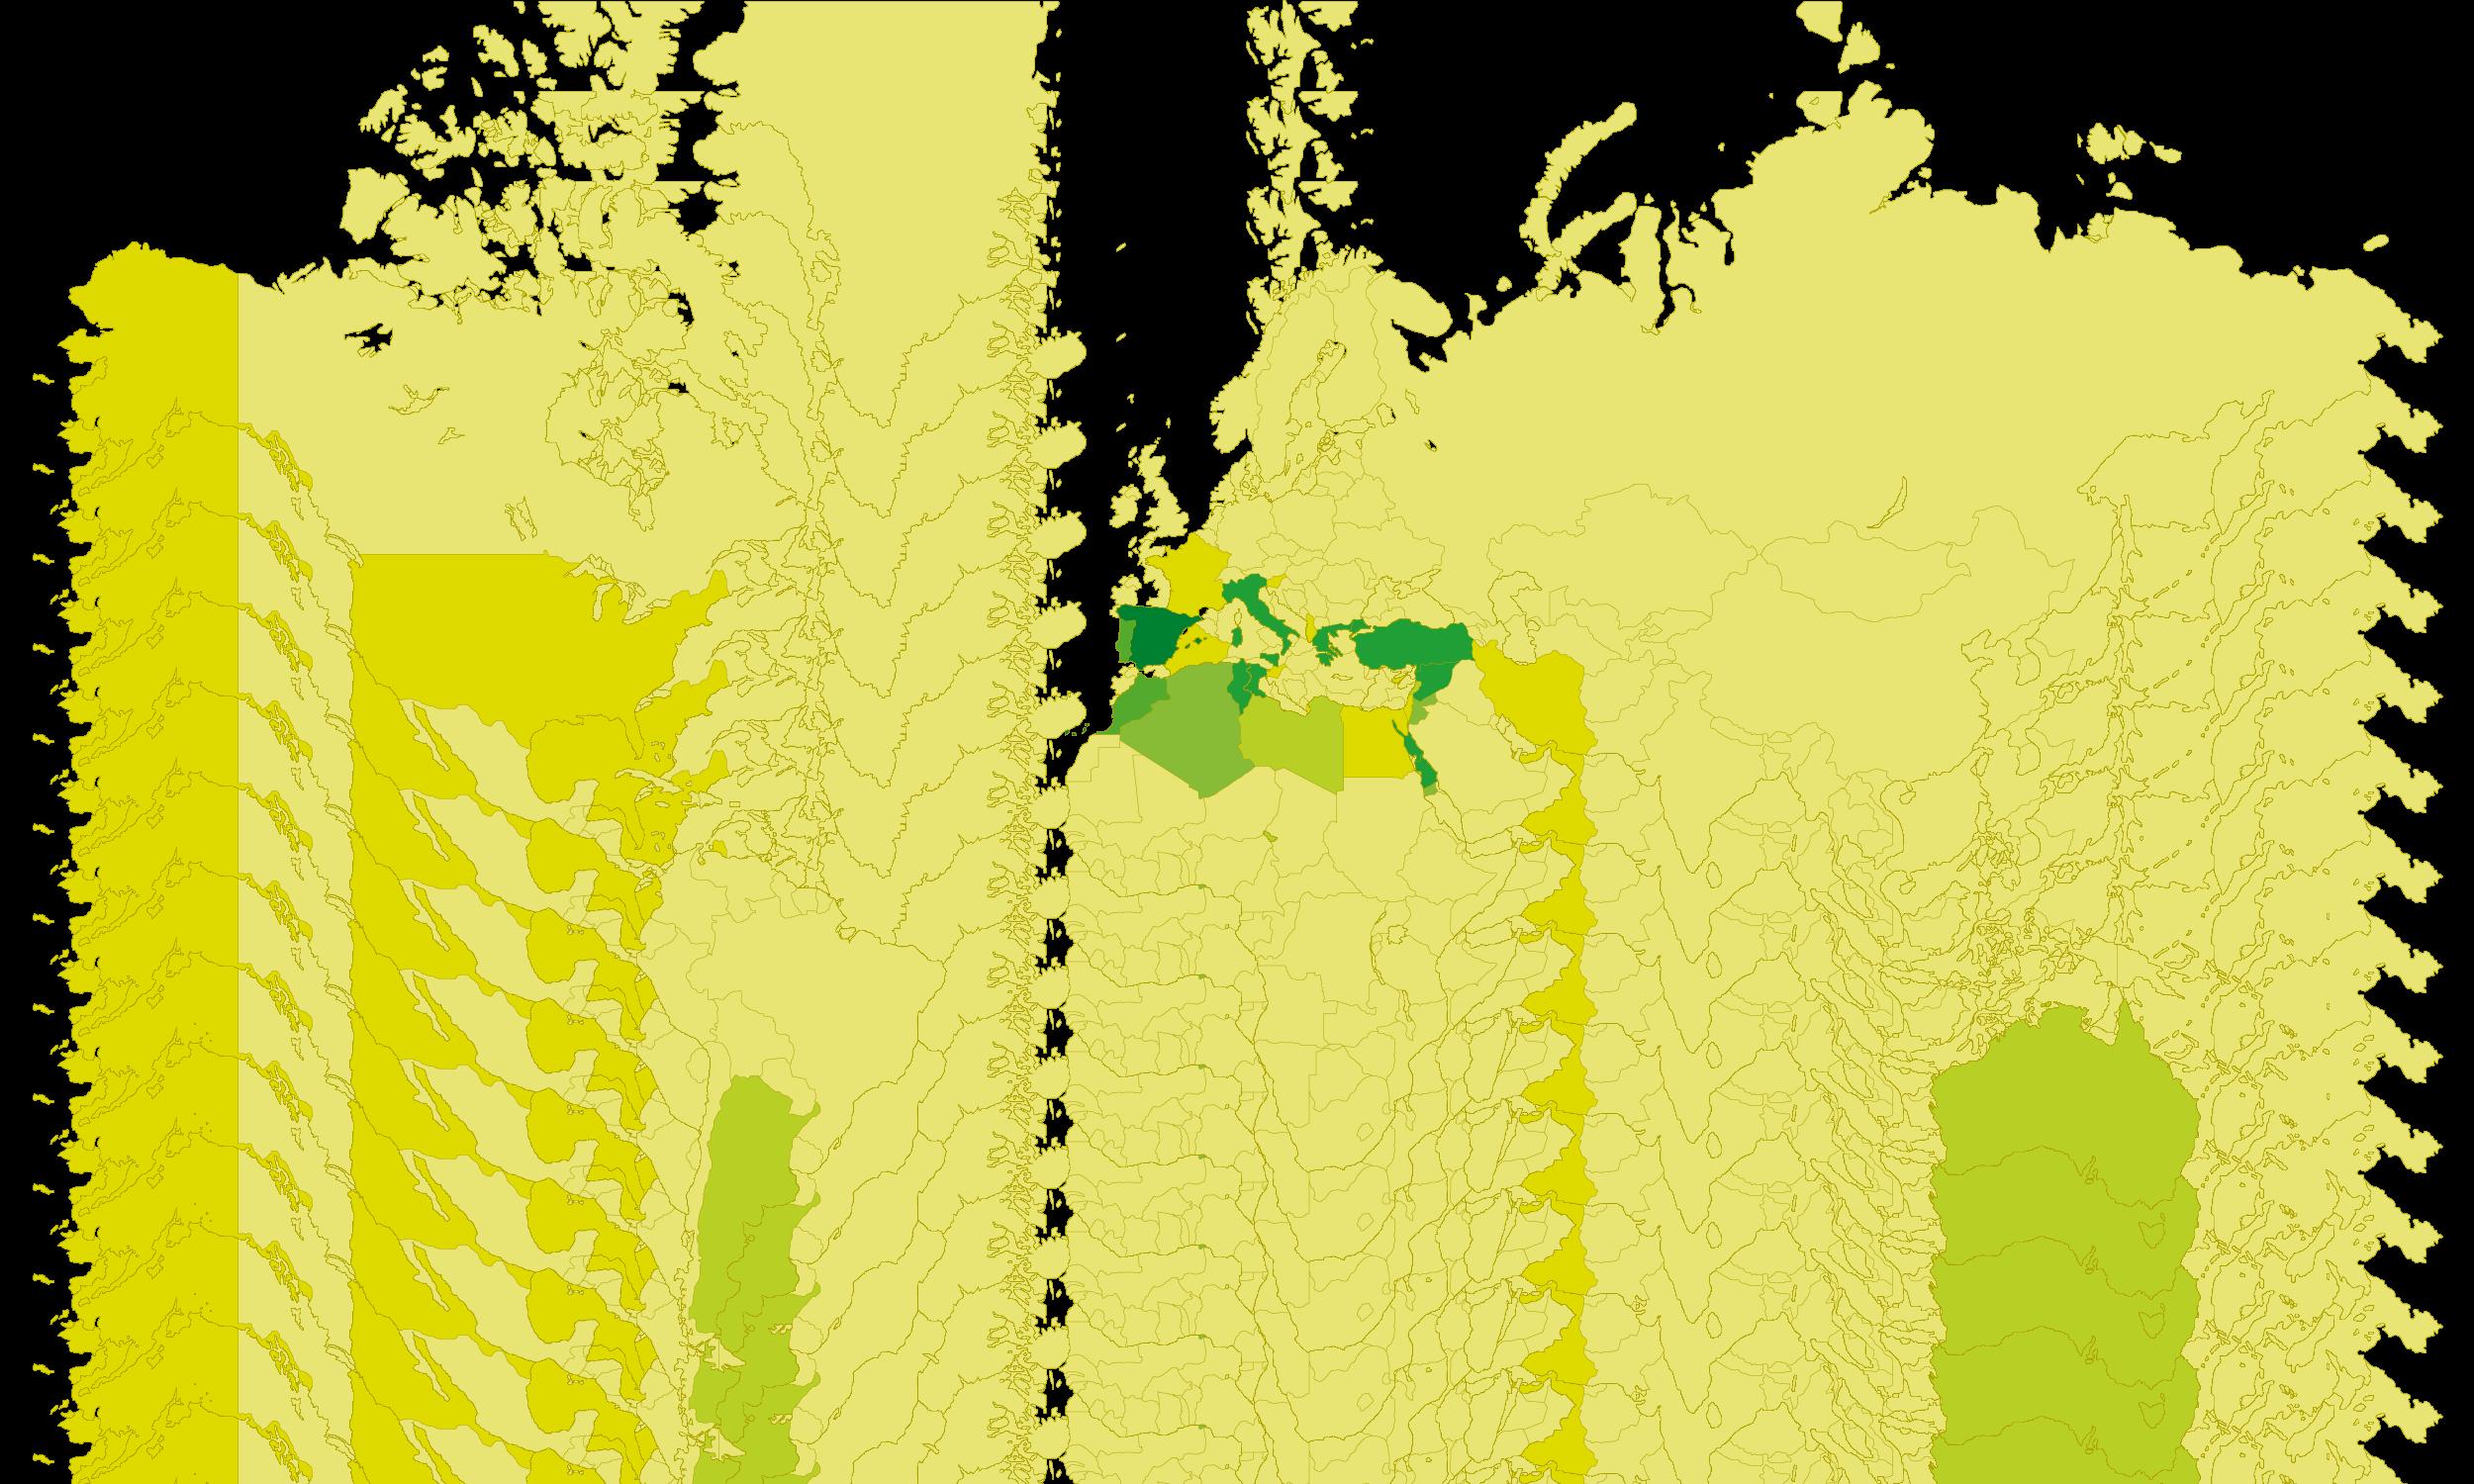 carte du monde de la production d'huile d'olive